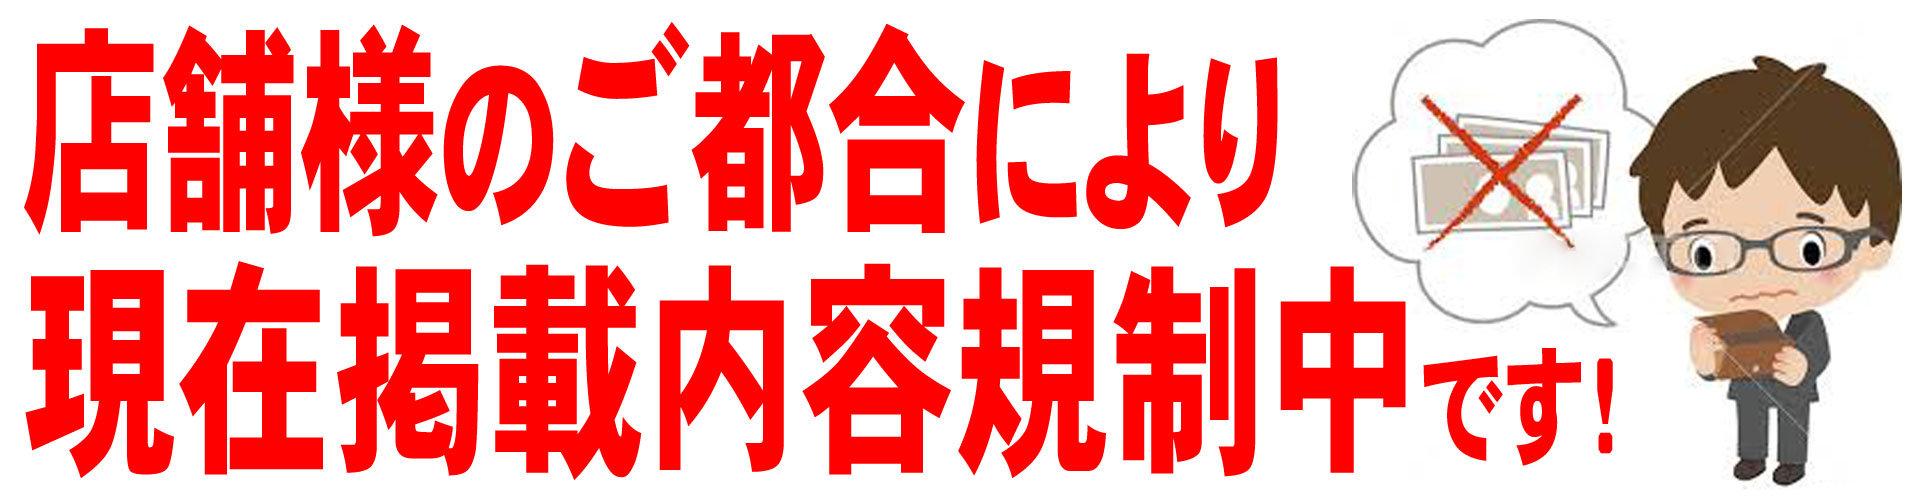 【21世紀】香川/高松